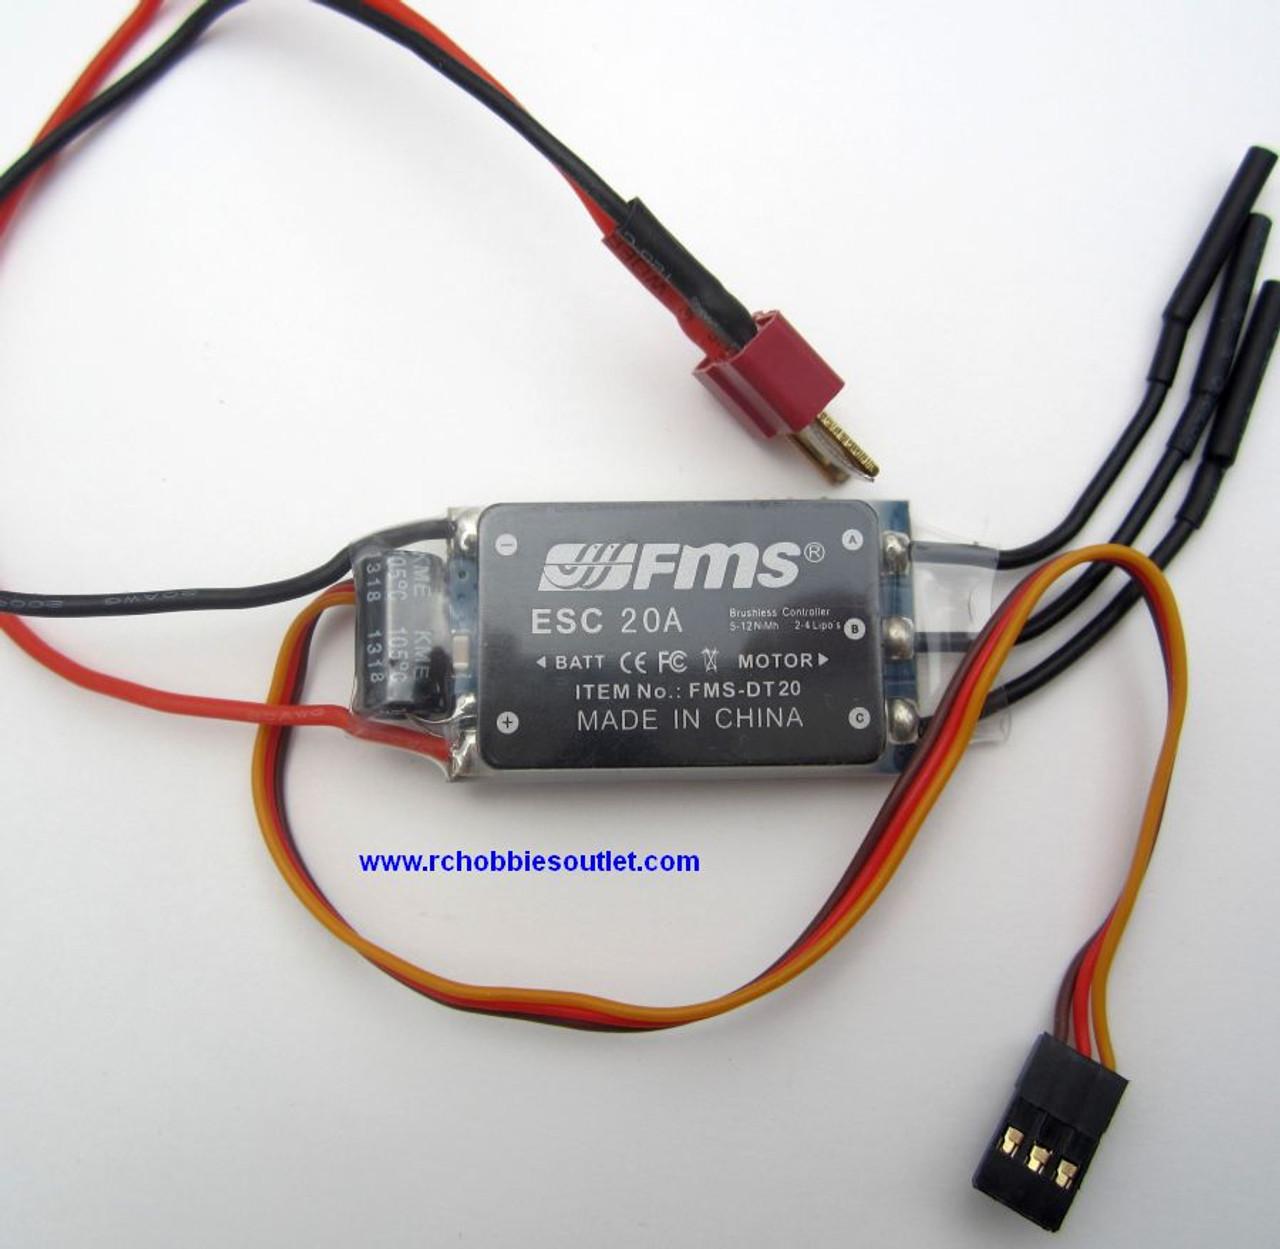 FMS 20 AMP Brushless ESC